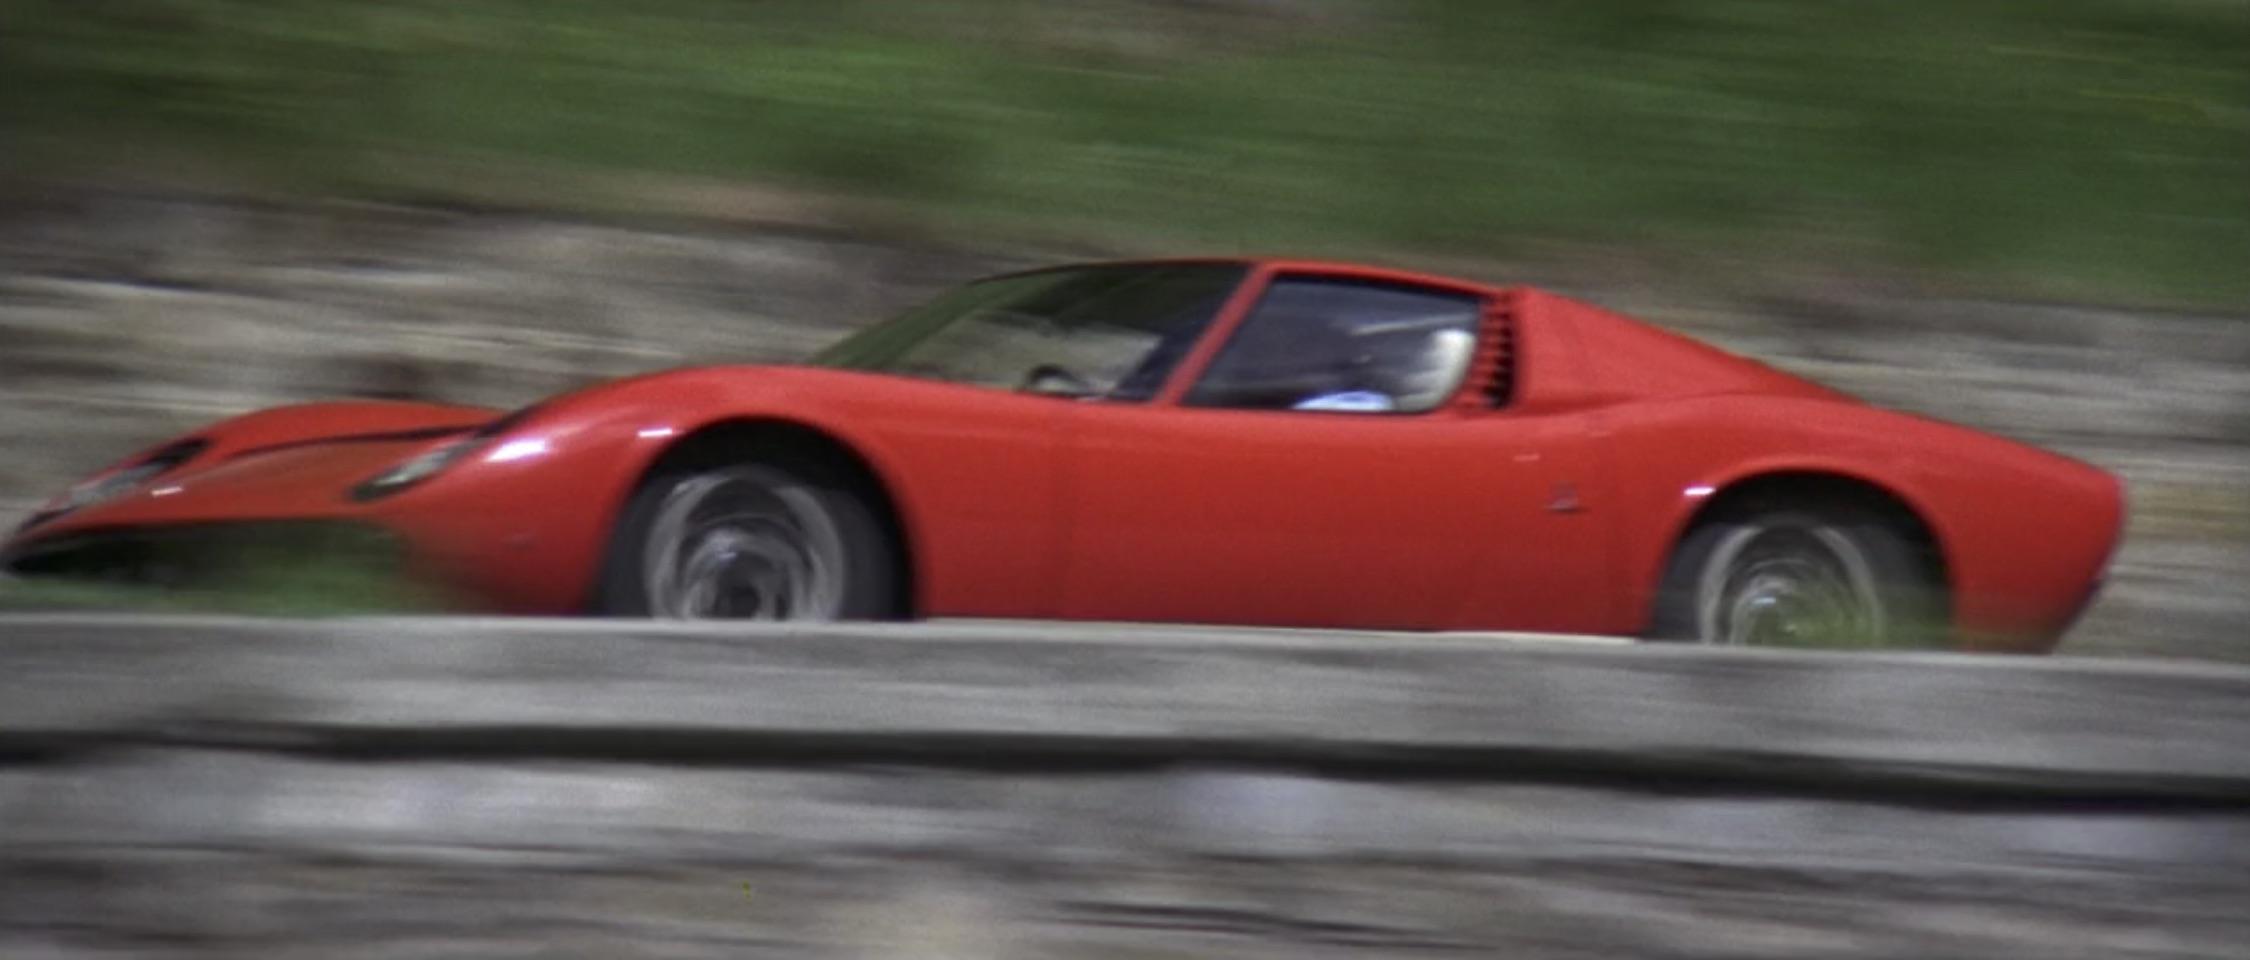 Italian Job 1968 Lamborghini Miura P400